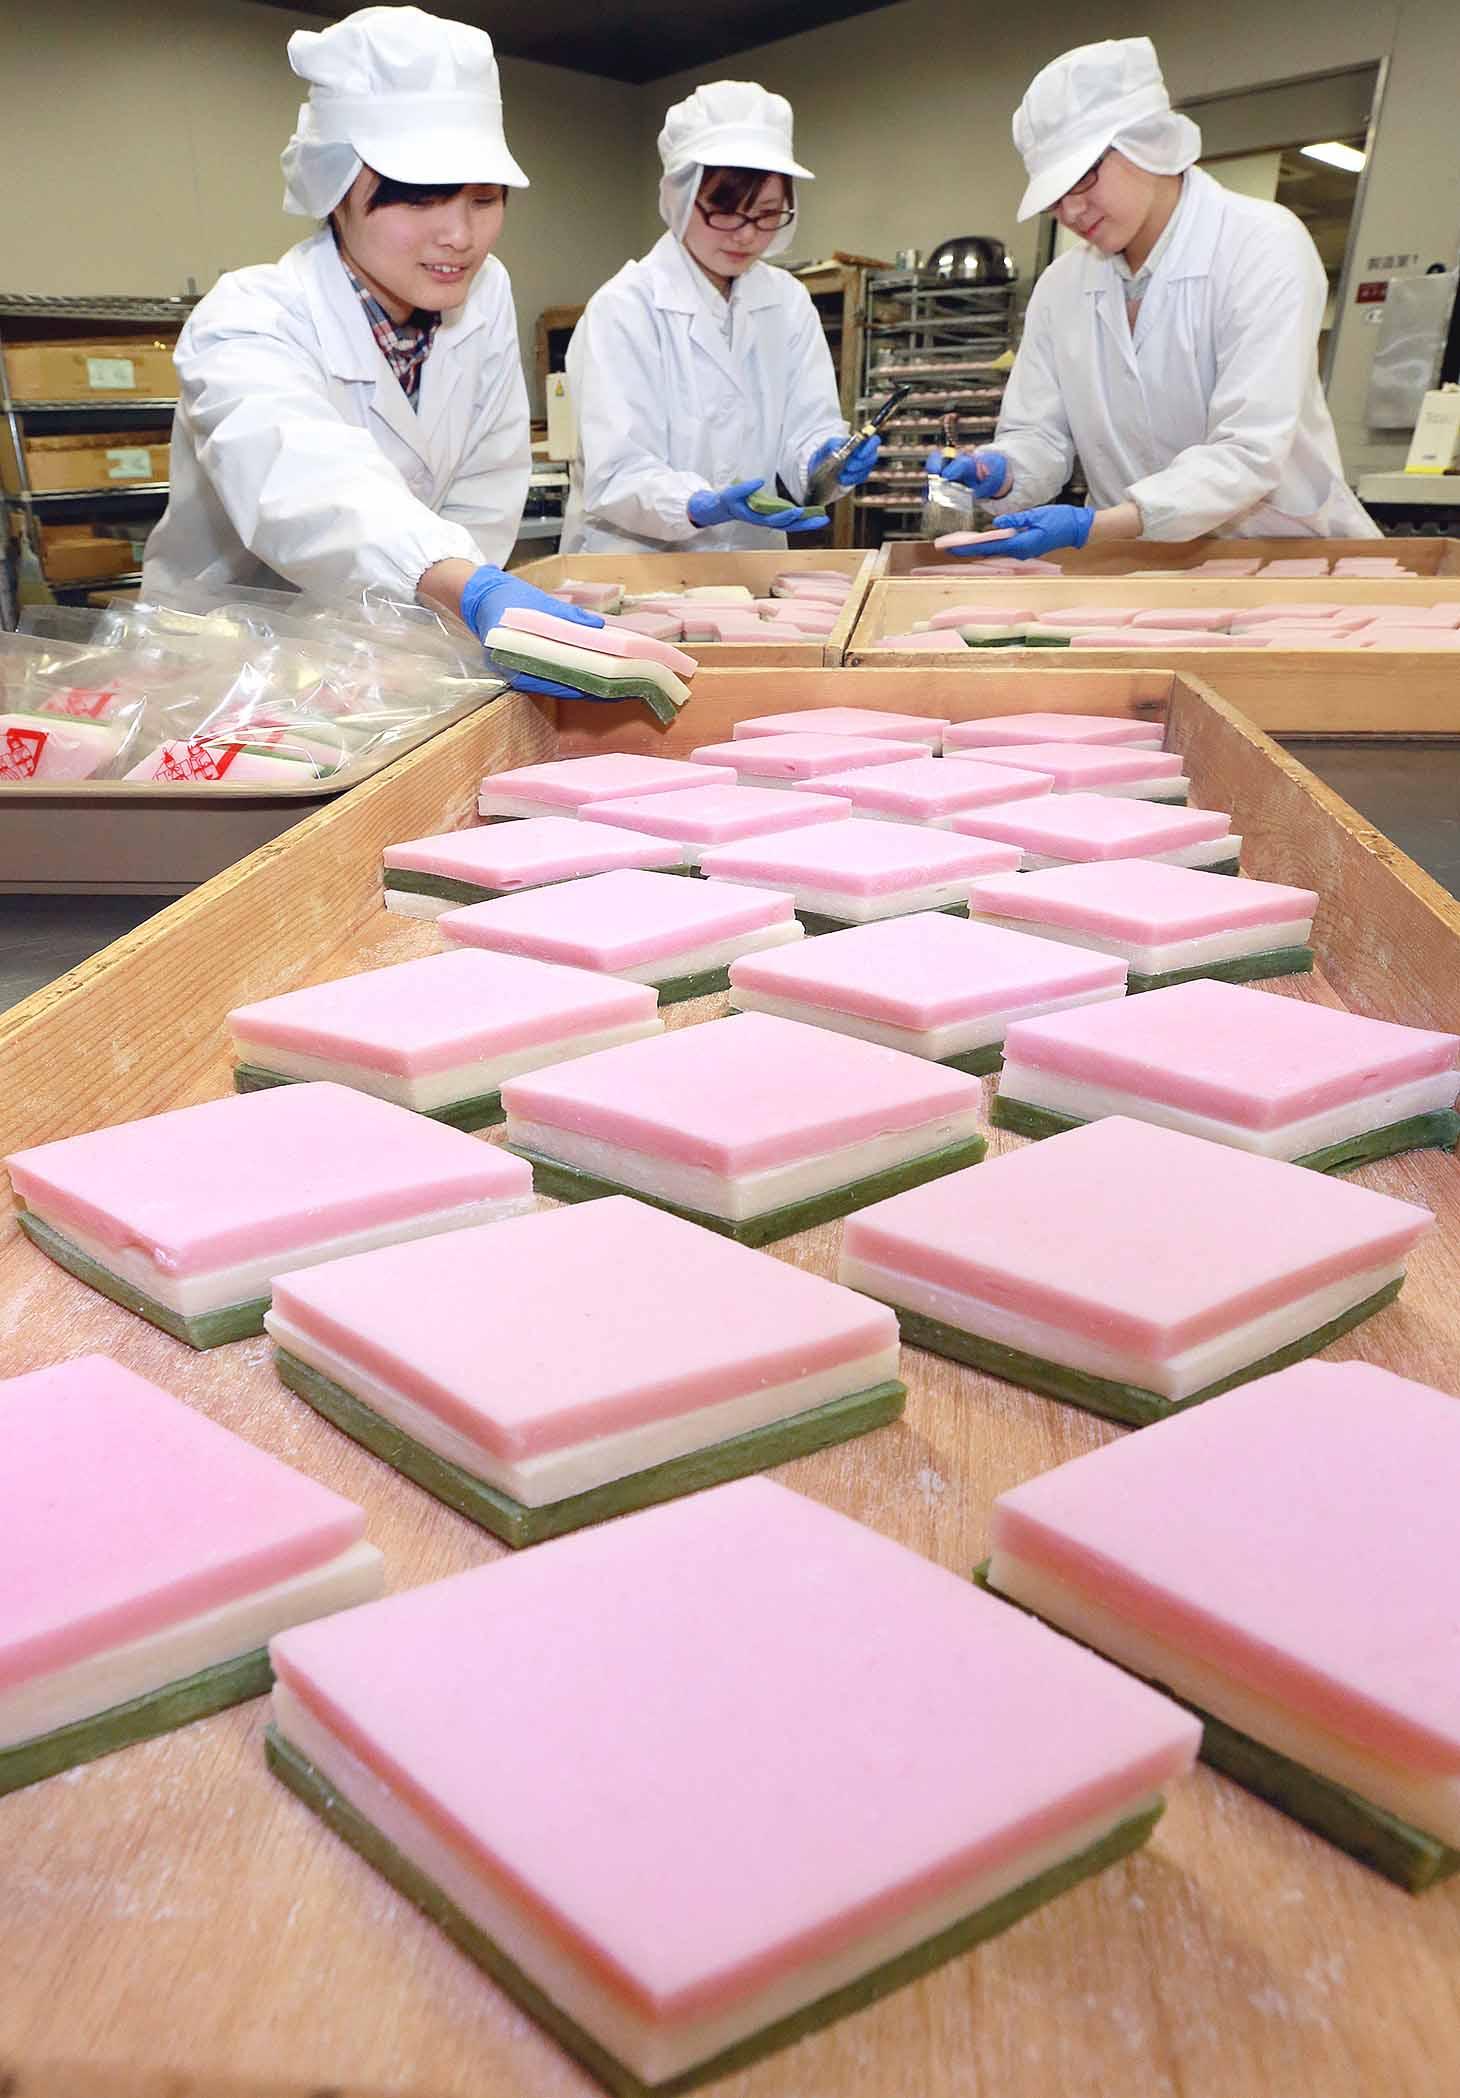 ひし餅作りに励む従業員=金沢市内の和菓子店